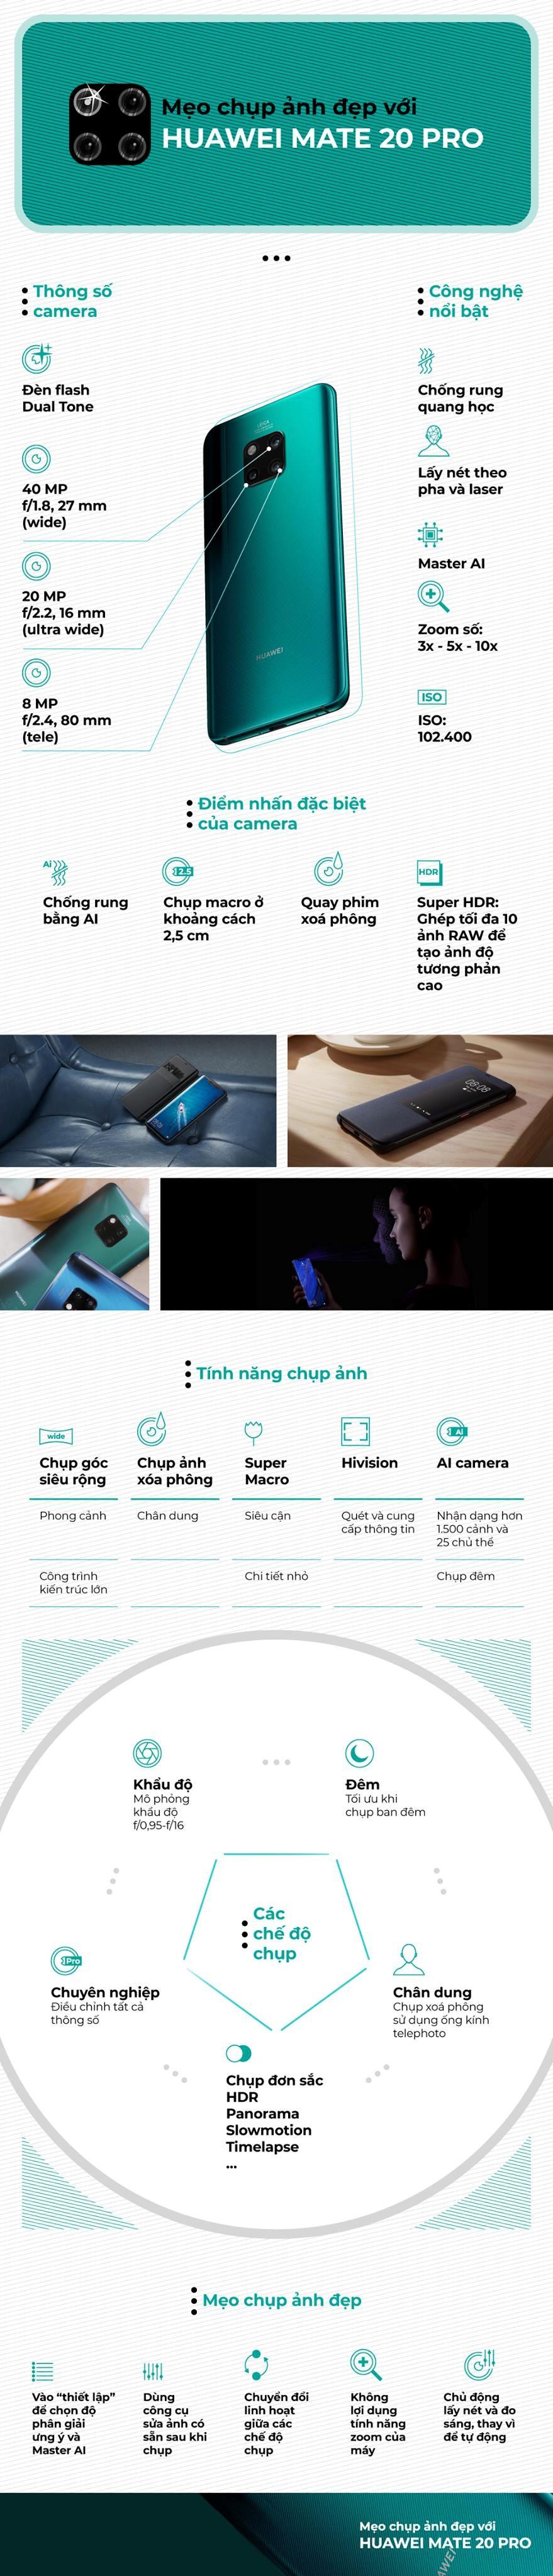 Mẹo chụp ảnh đẹp với Huawei Mate 20 Pro